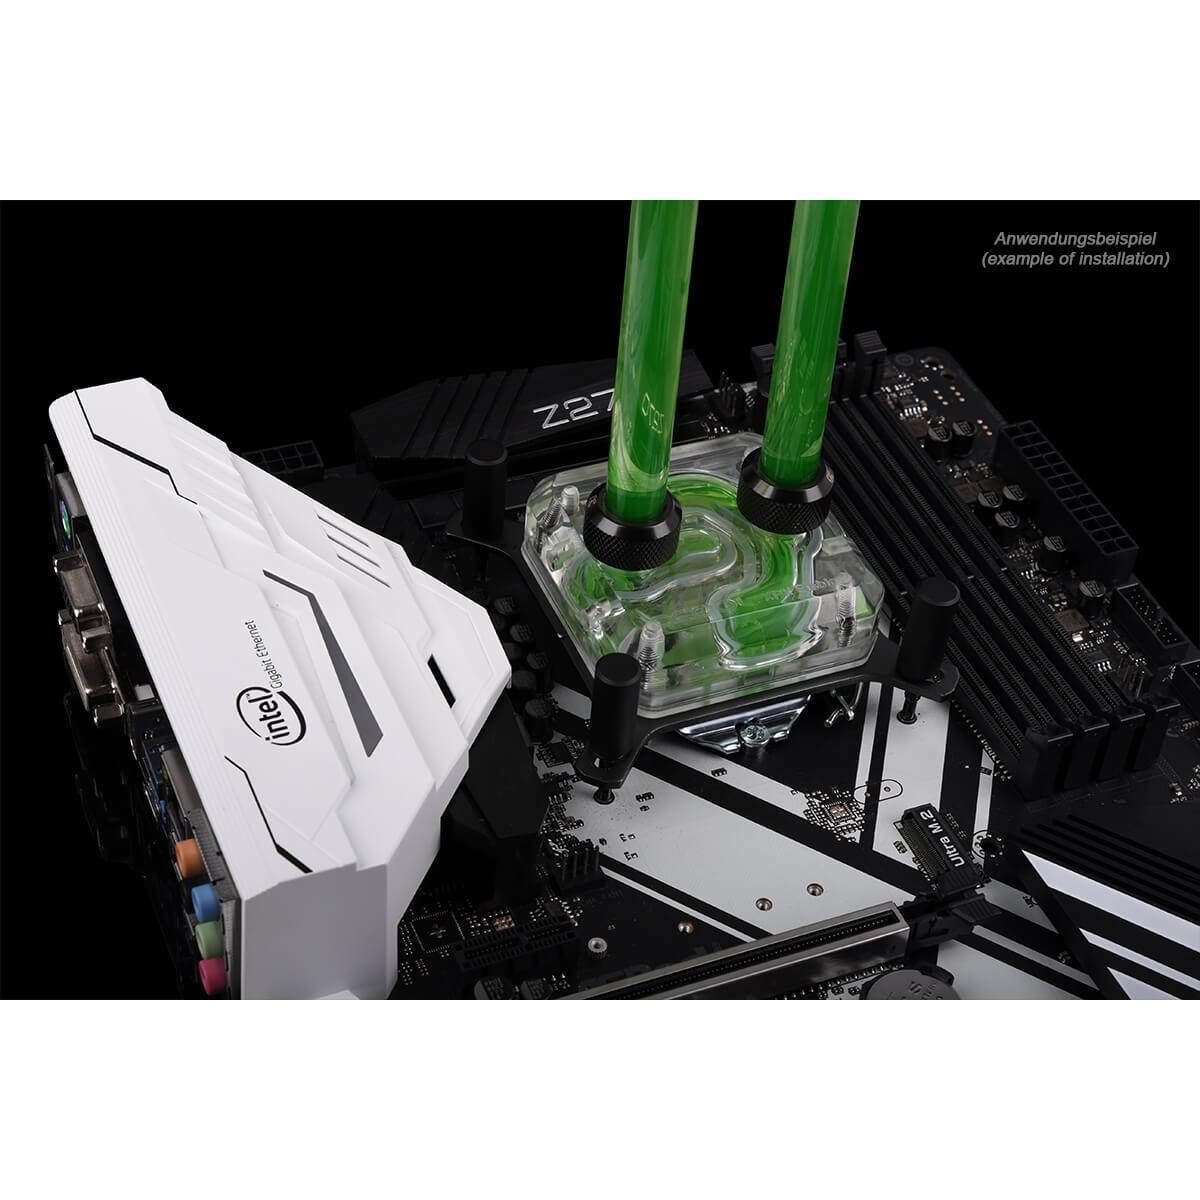 Bloco Alphacool Eisblock XPX Acrílico Intel/AMD